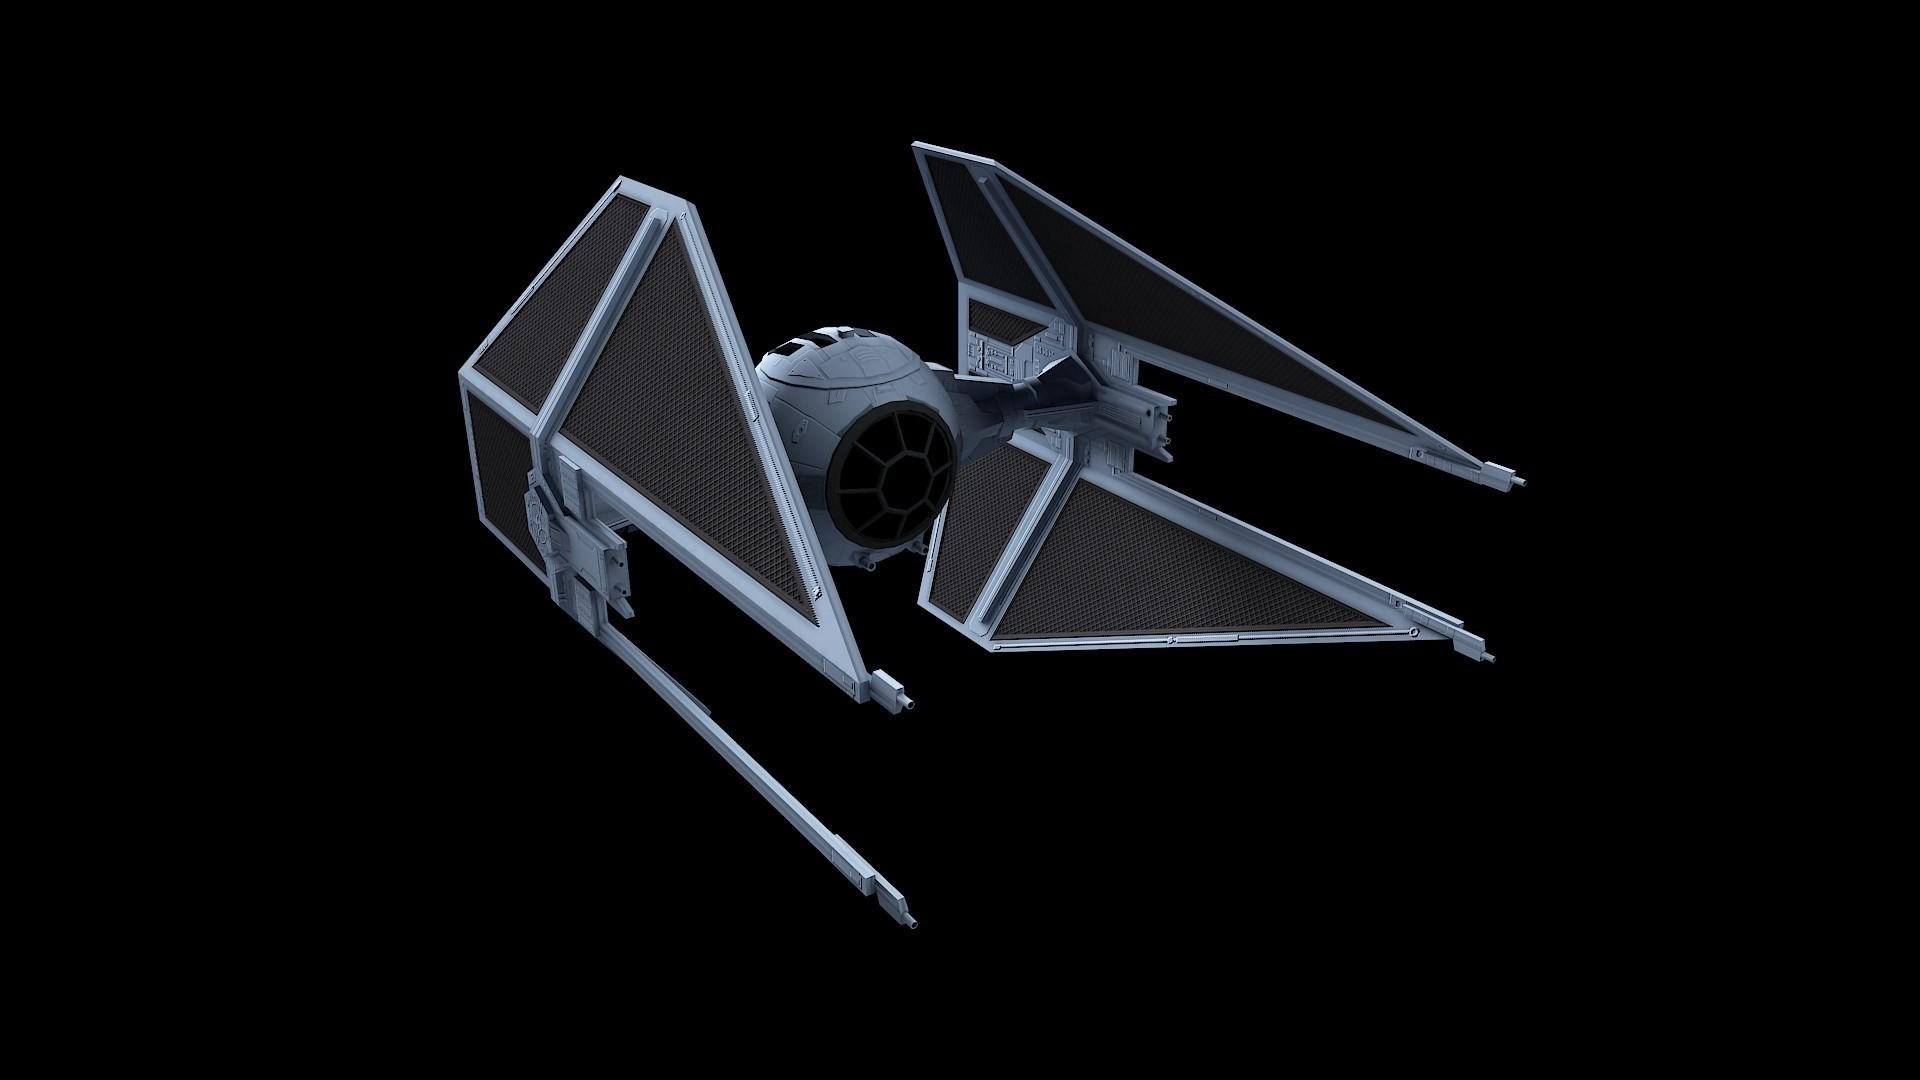 star wars tie fighter 1080p windows